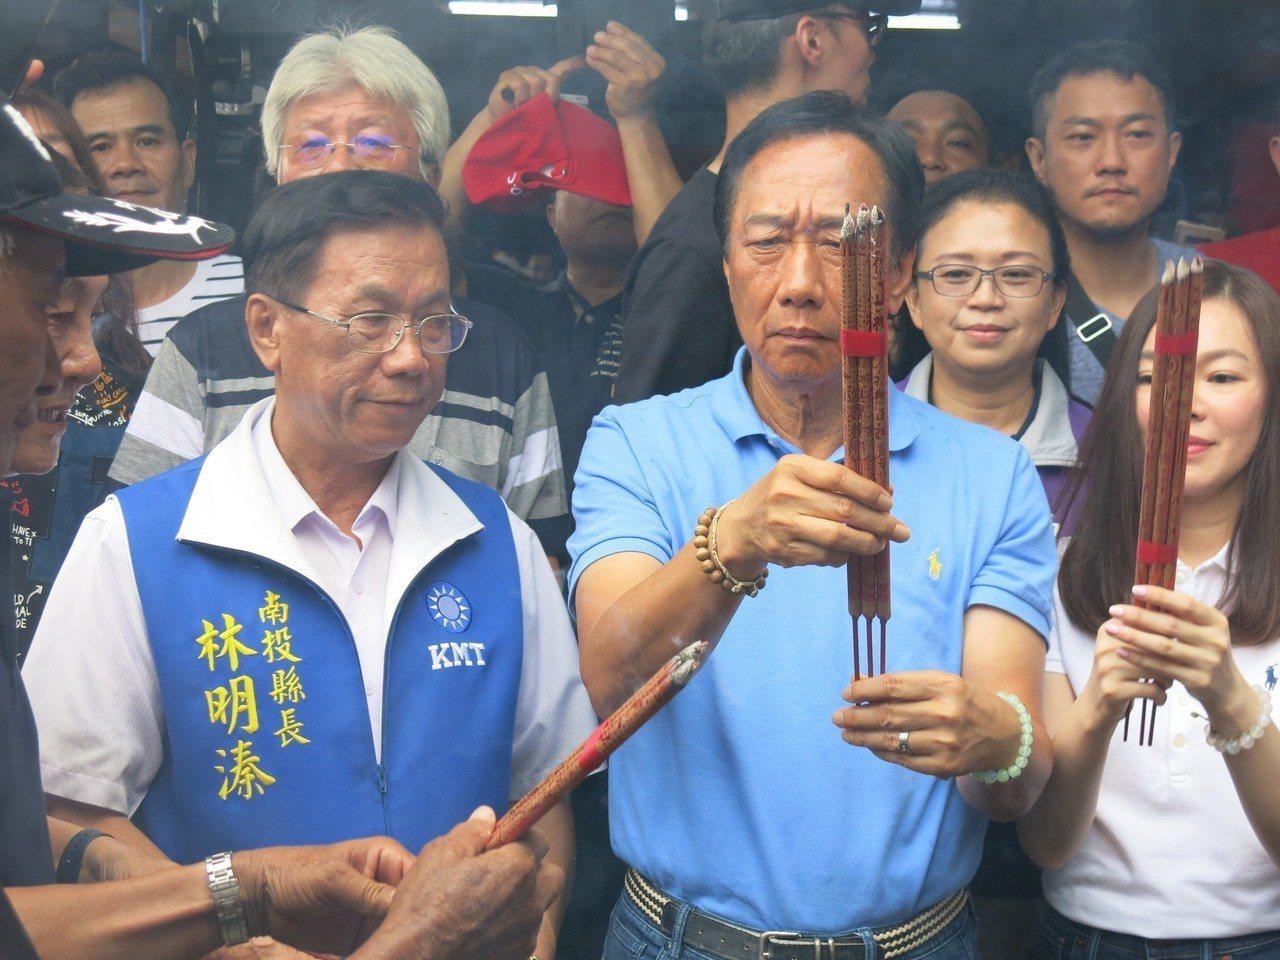 郭台銘攜夫人曾馨瑩下午來到竹山紫南宮參拜,受到民眾的熱烈歡迎。記者黑中亮/攝影